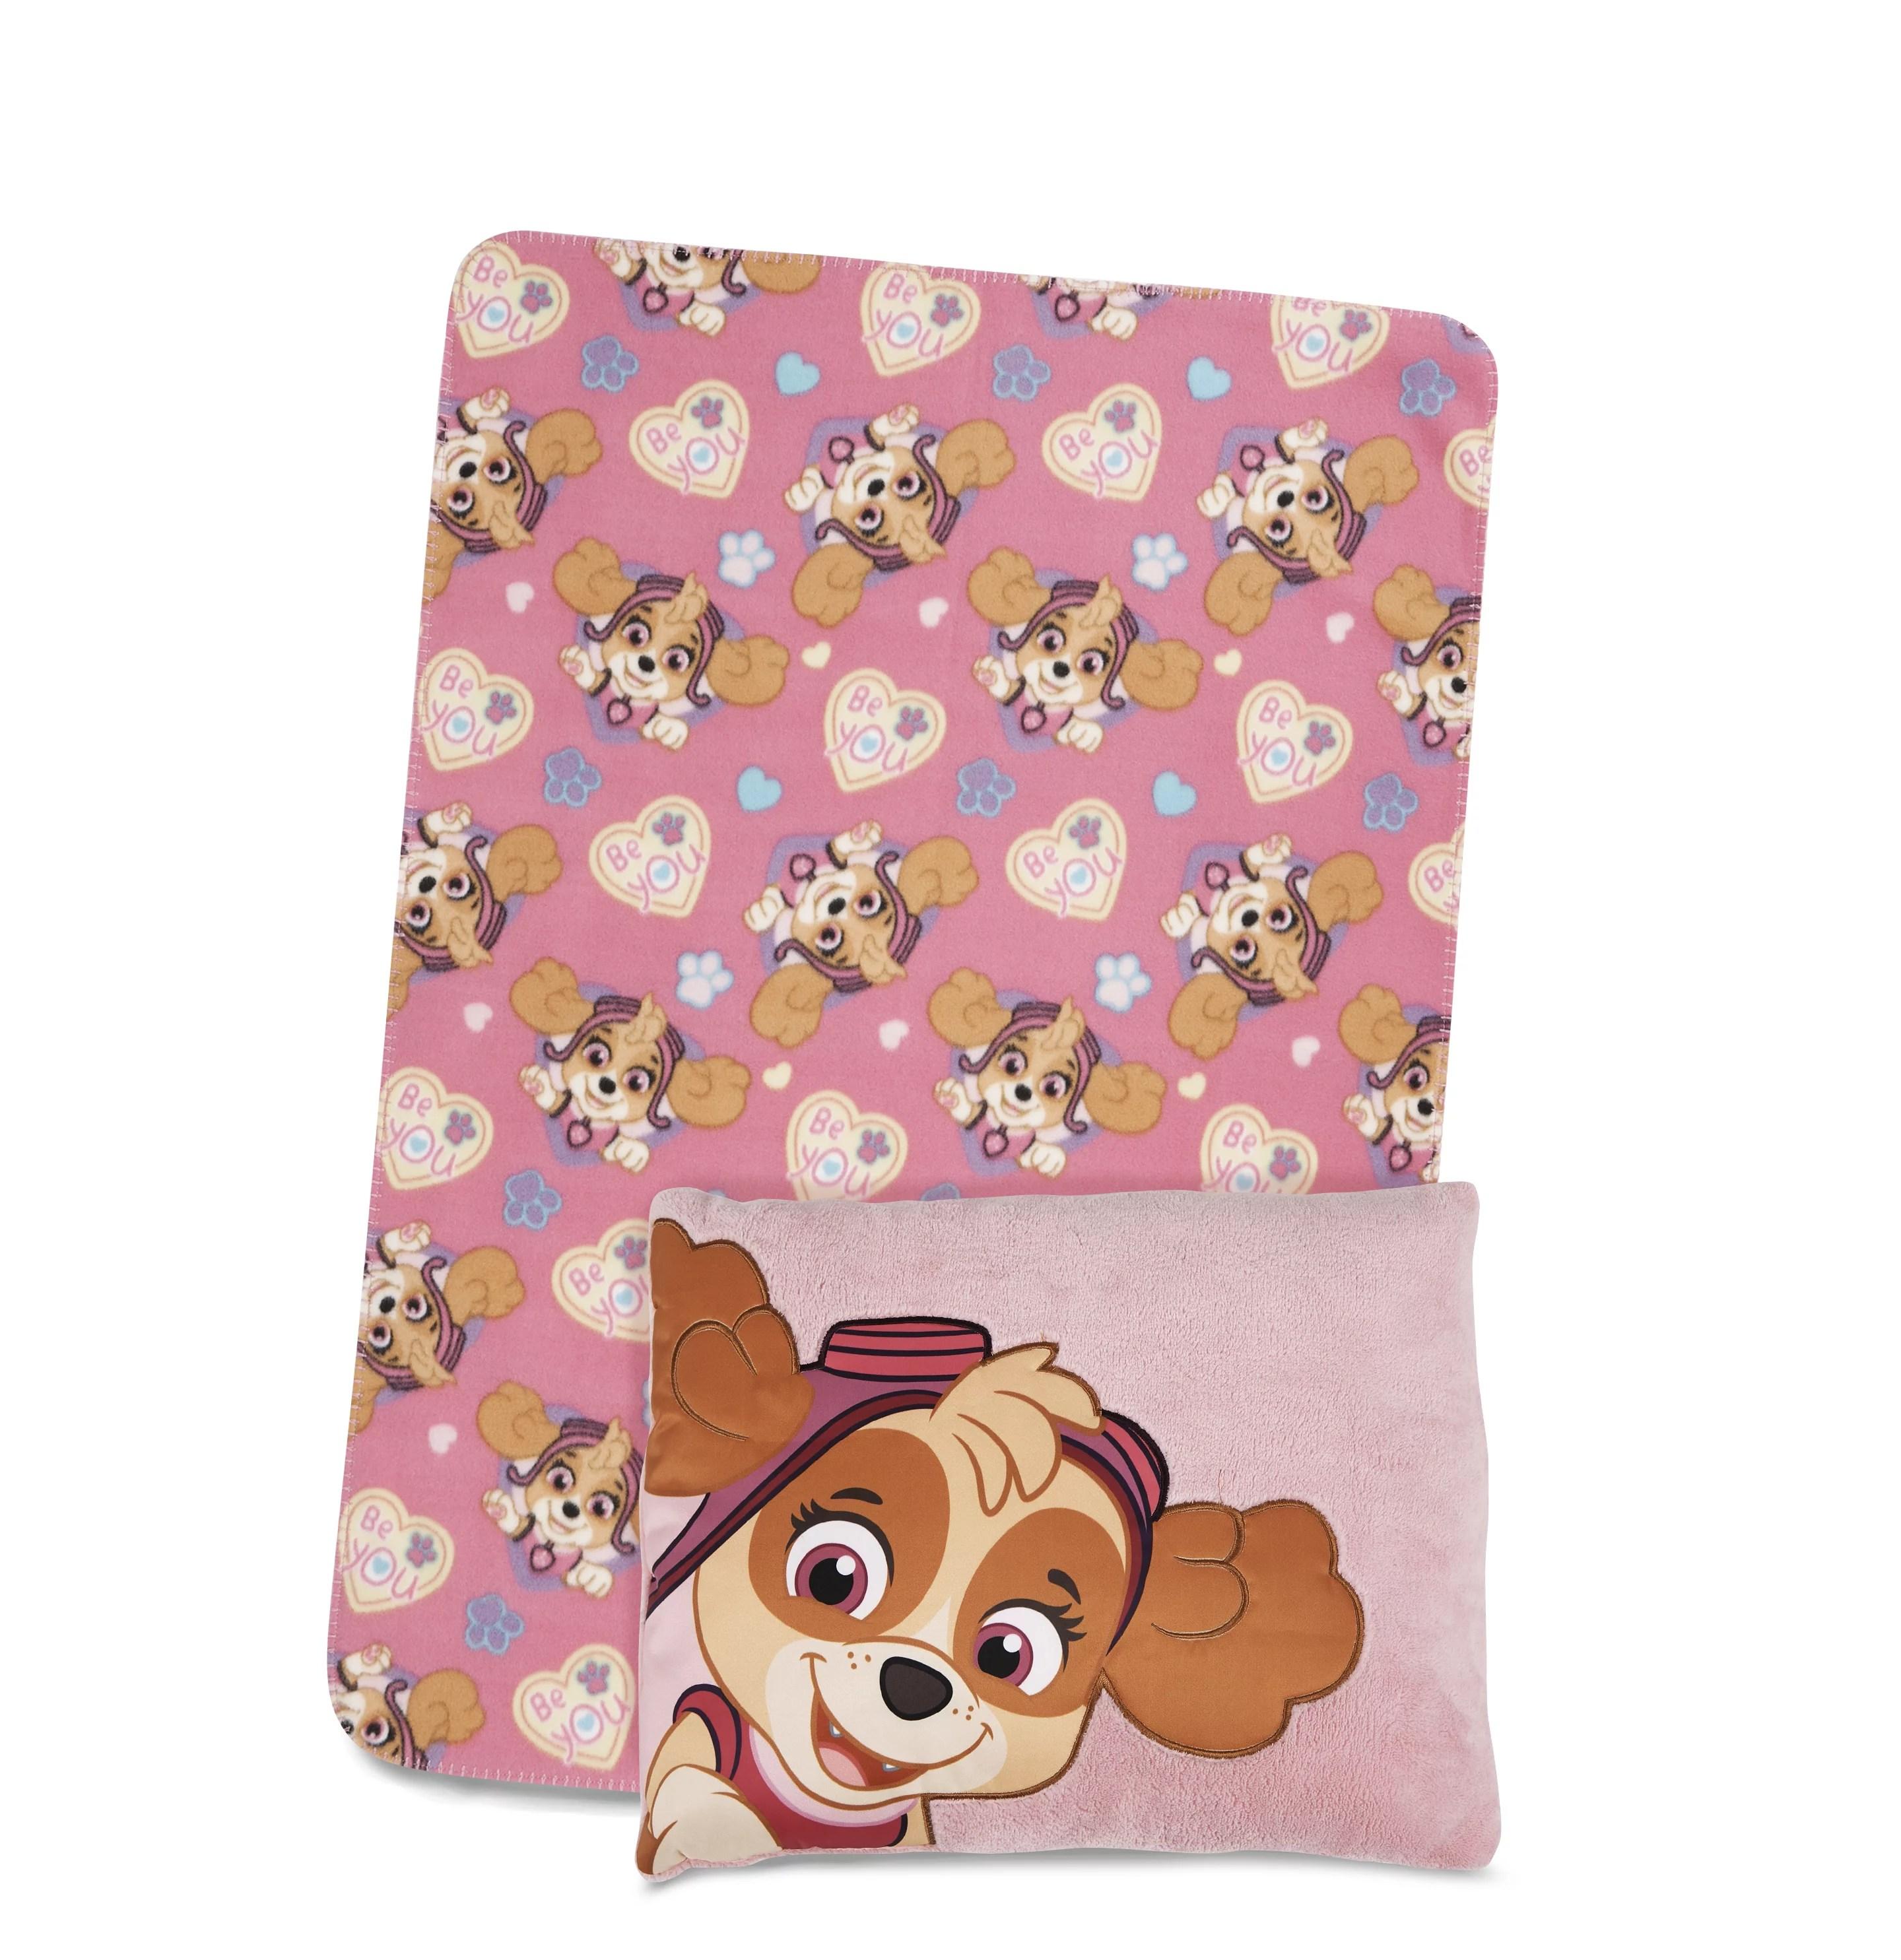 paw patrol skye toddler pillow blanket set walmart com